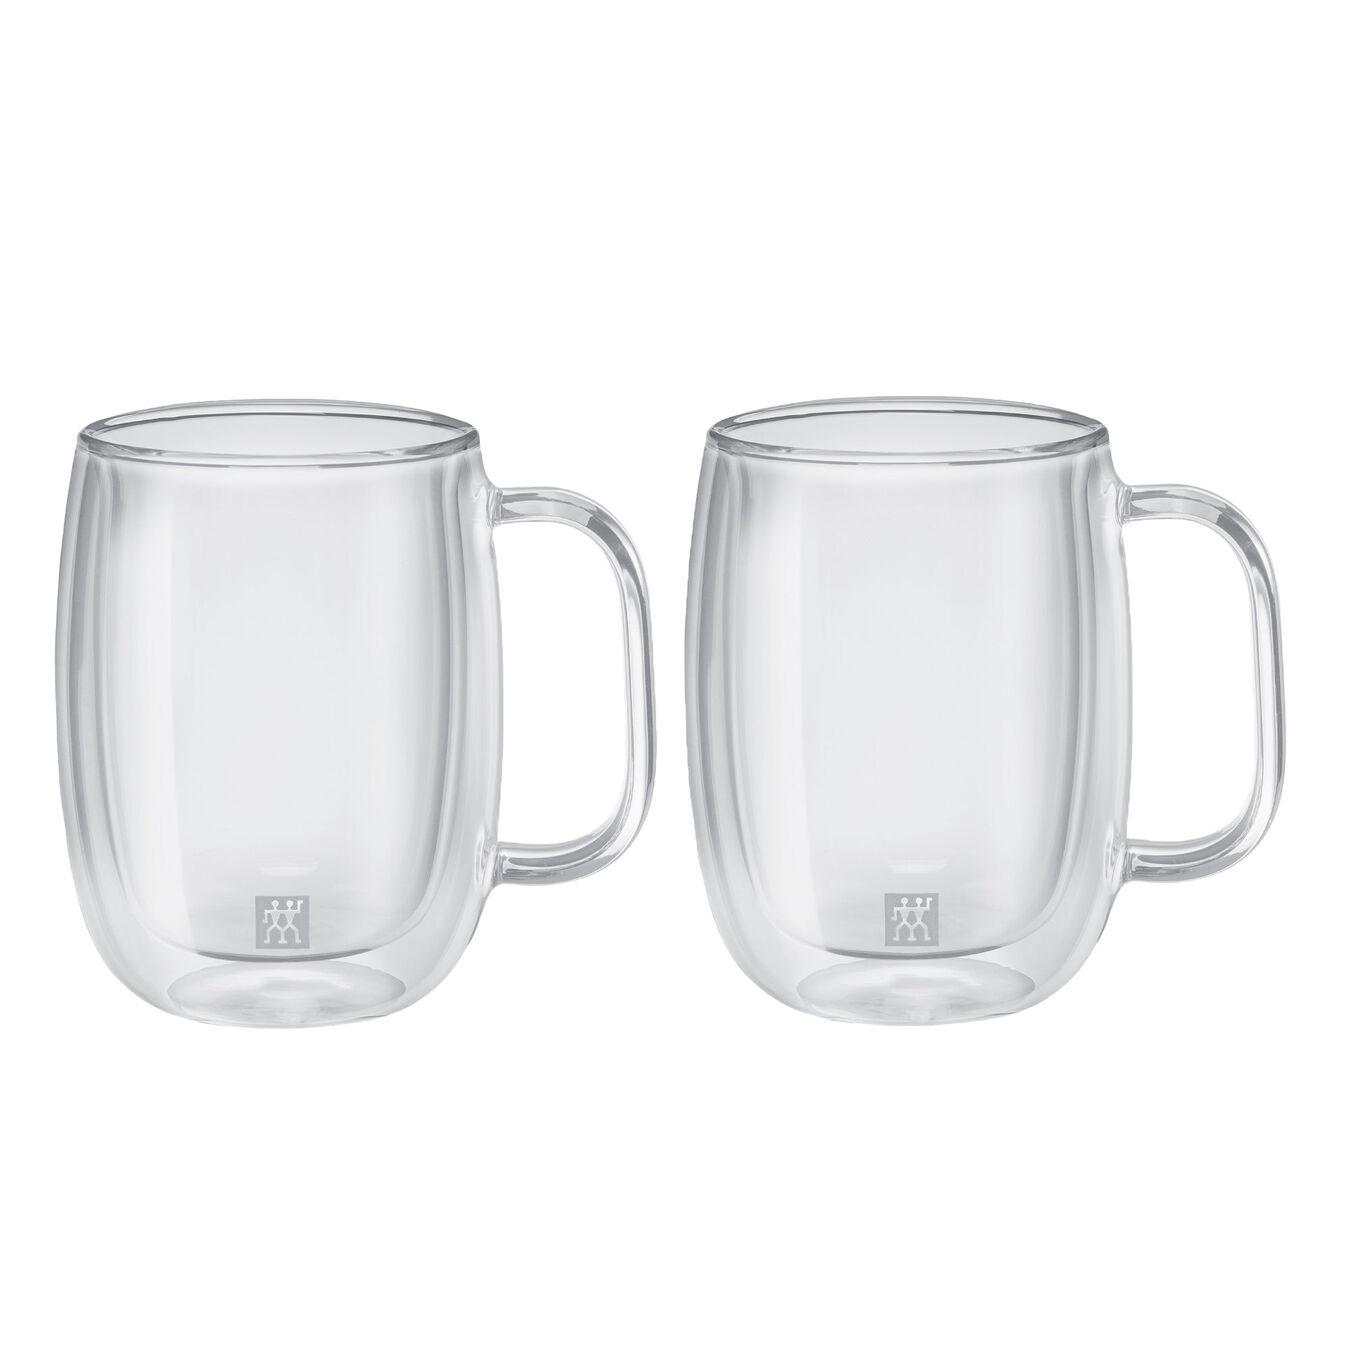 2-pcs Service de verres à café,,large 4